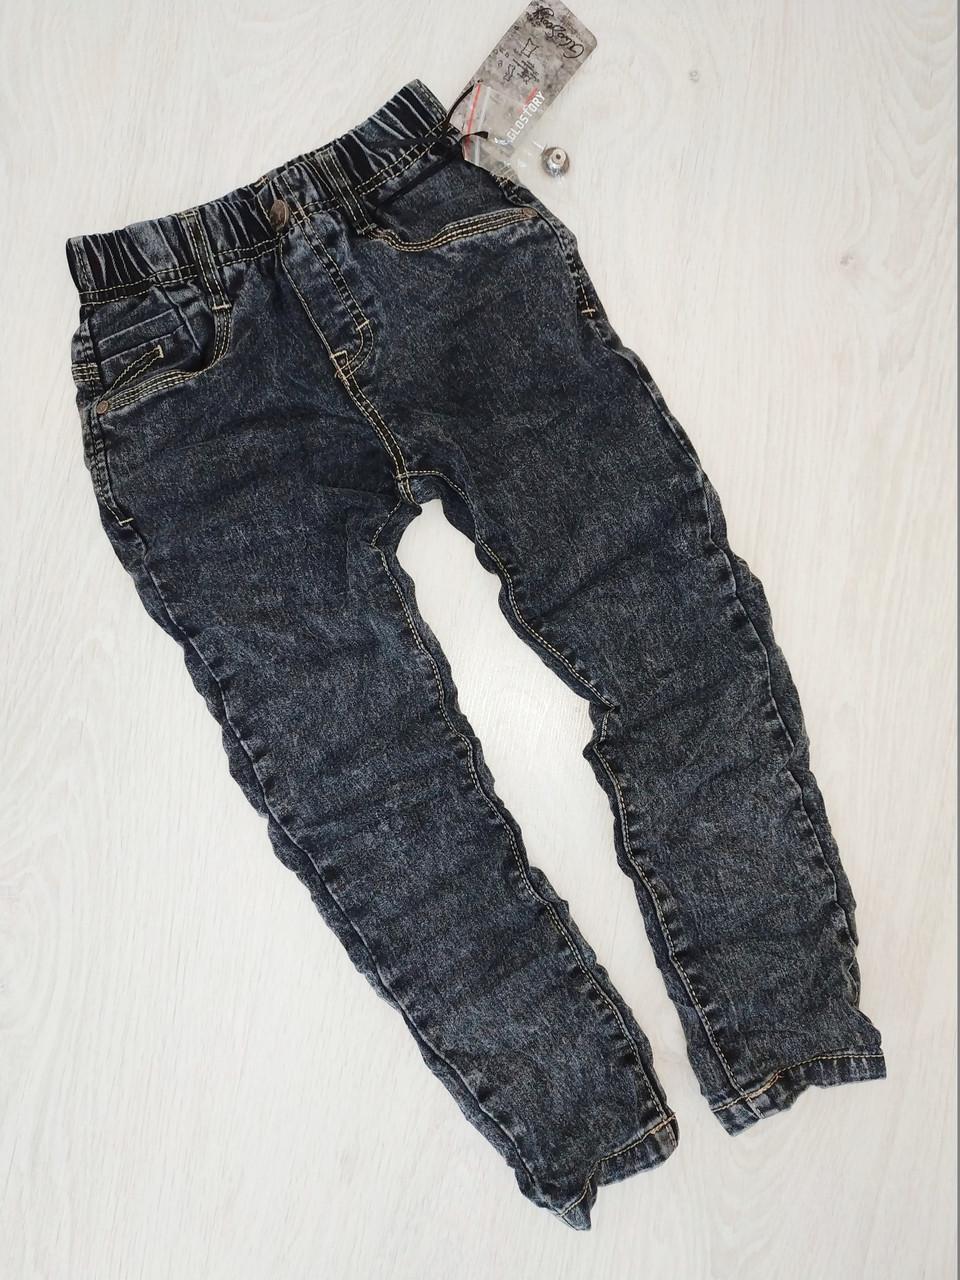 Джинсовые брюки для мальчика, Glo-story, Венгрия, арт. 9272,  104